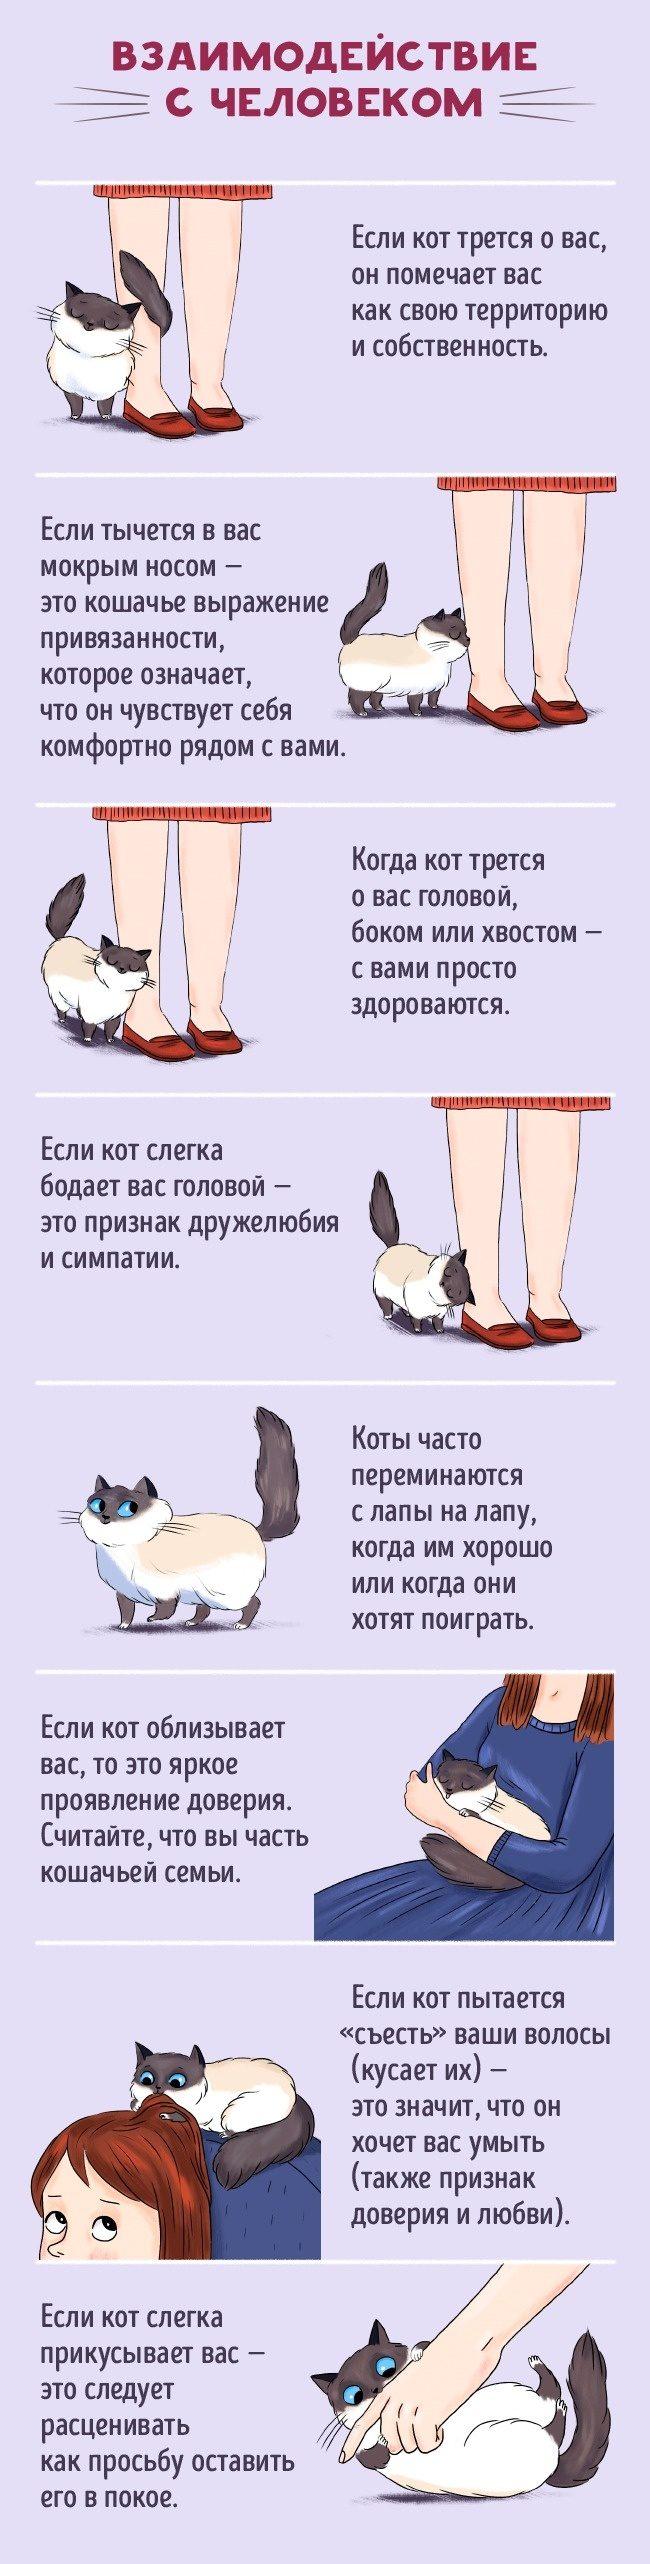 Как стать другом коту